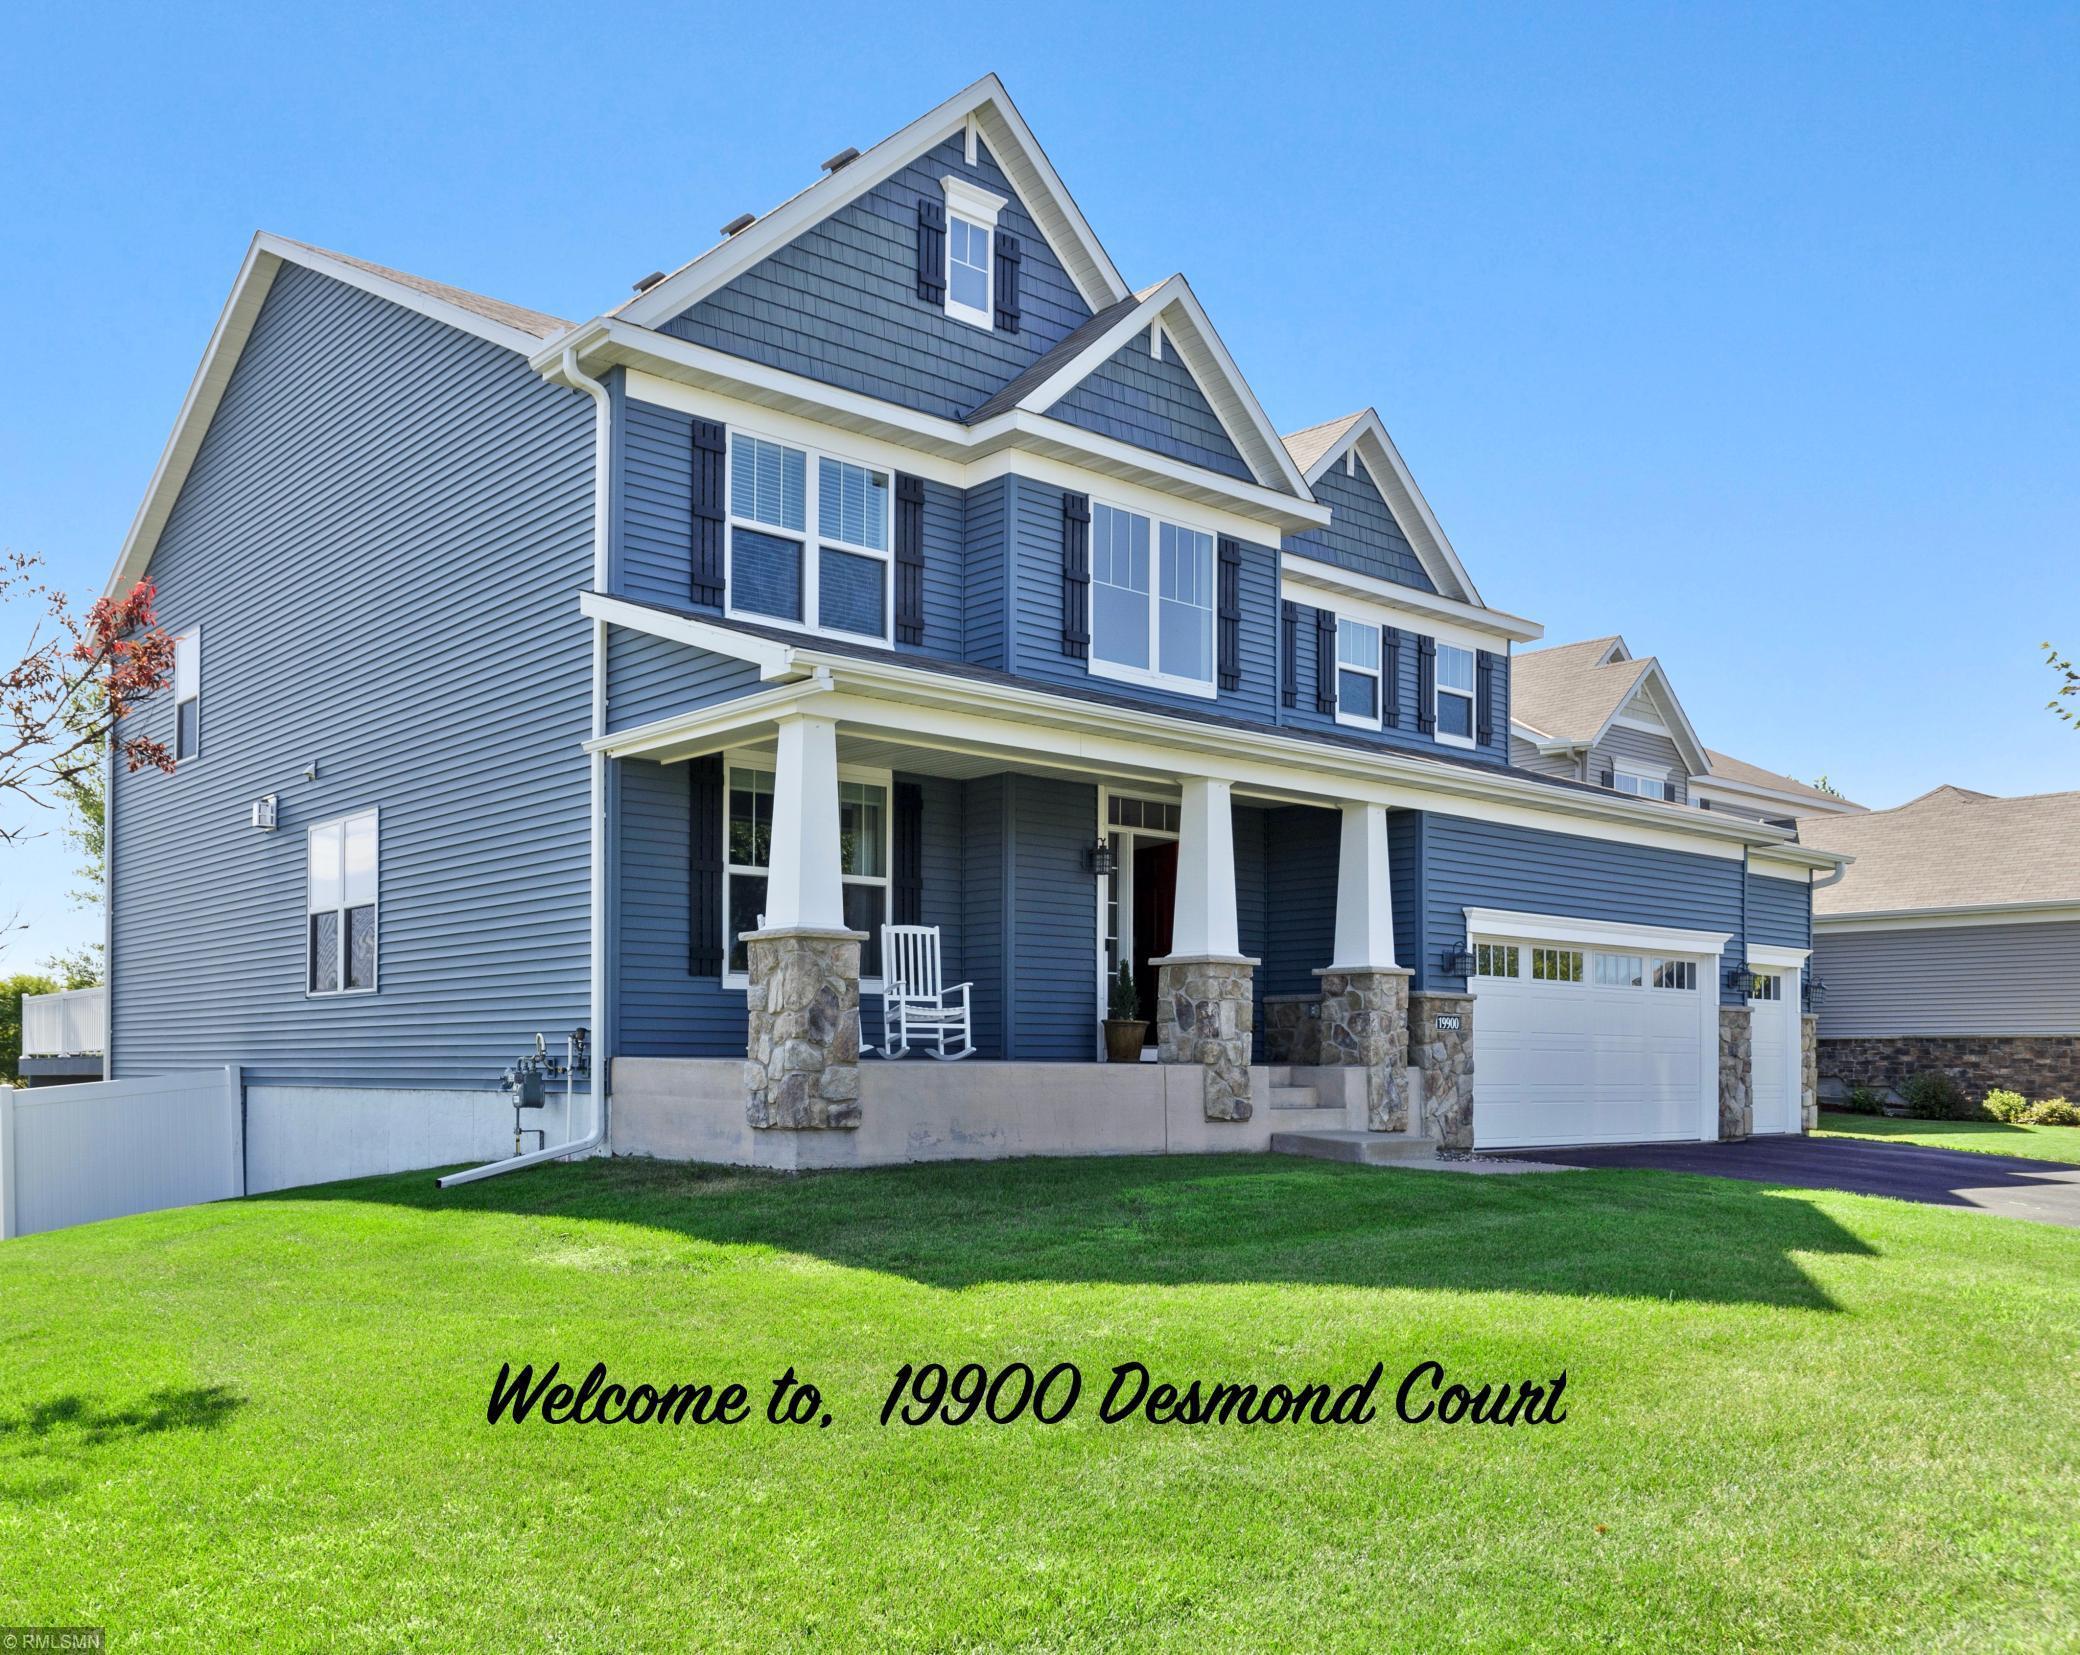 19900 Desmond Court Property Photo - Farmington, MN real estate listing